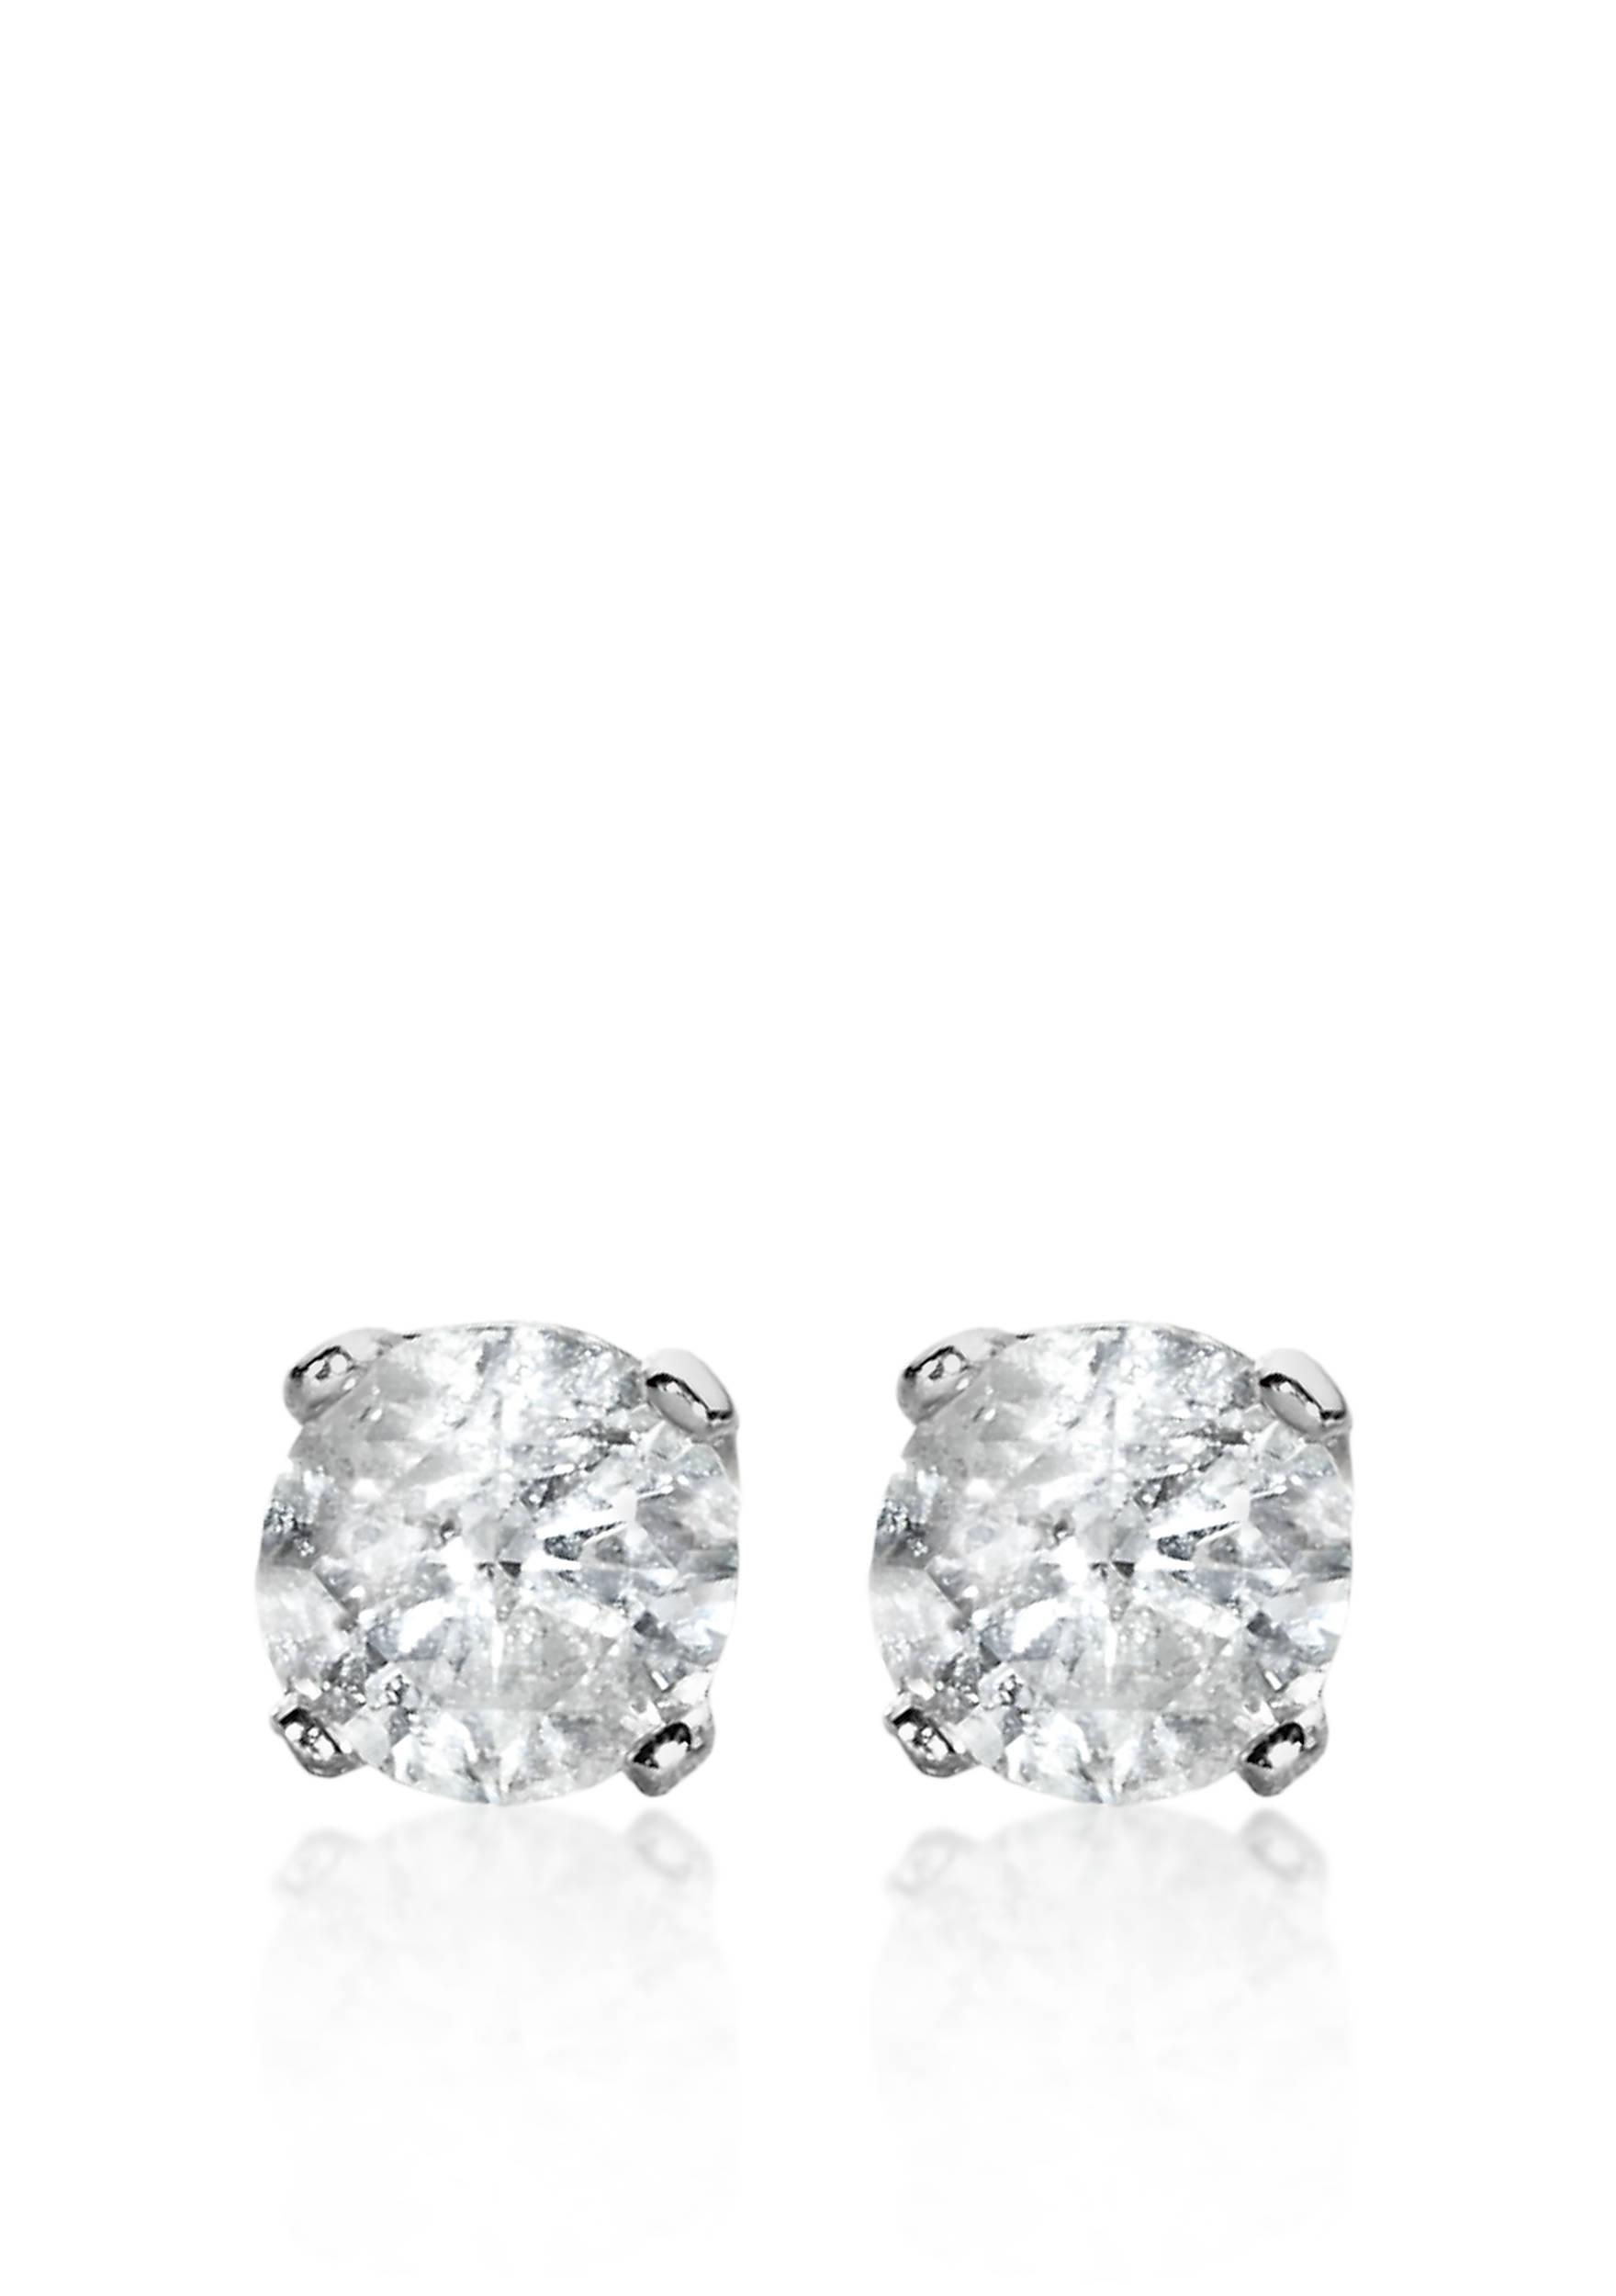 Belk & Co. 1/2 ct. t.w. Diamond Stud Earrings in 14k White Gold | belk